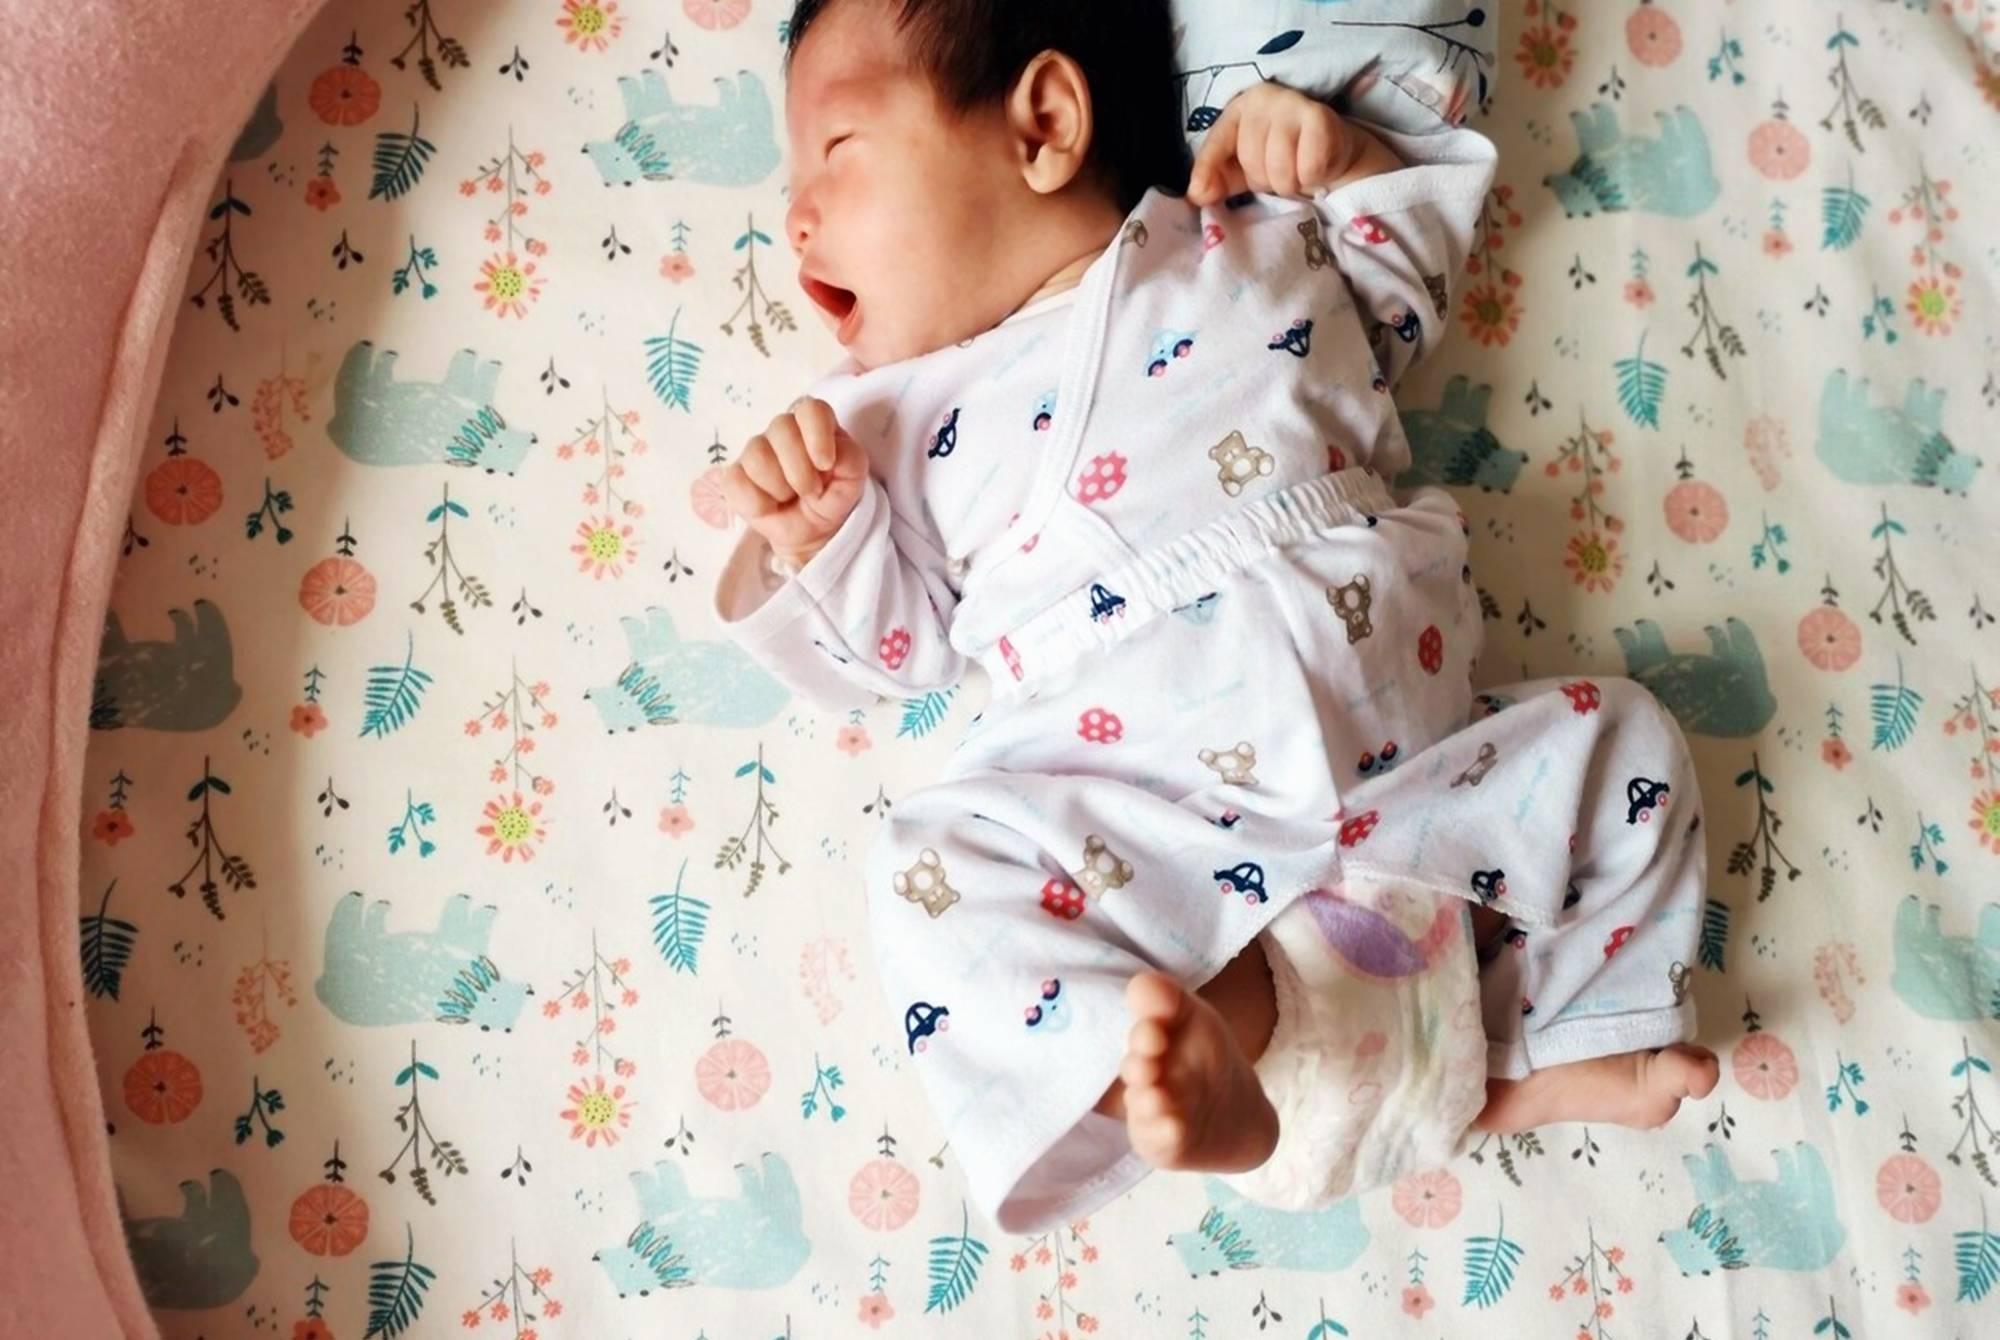 原配宝宝睡的时间越长发育越快?医生:不要发错信号。睡得太久不是好事